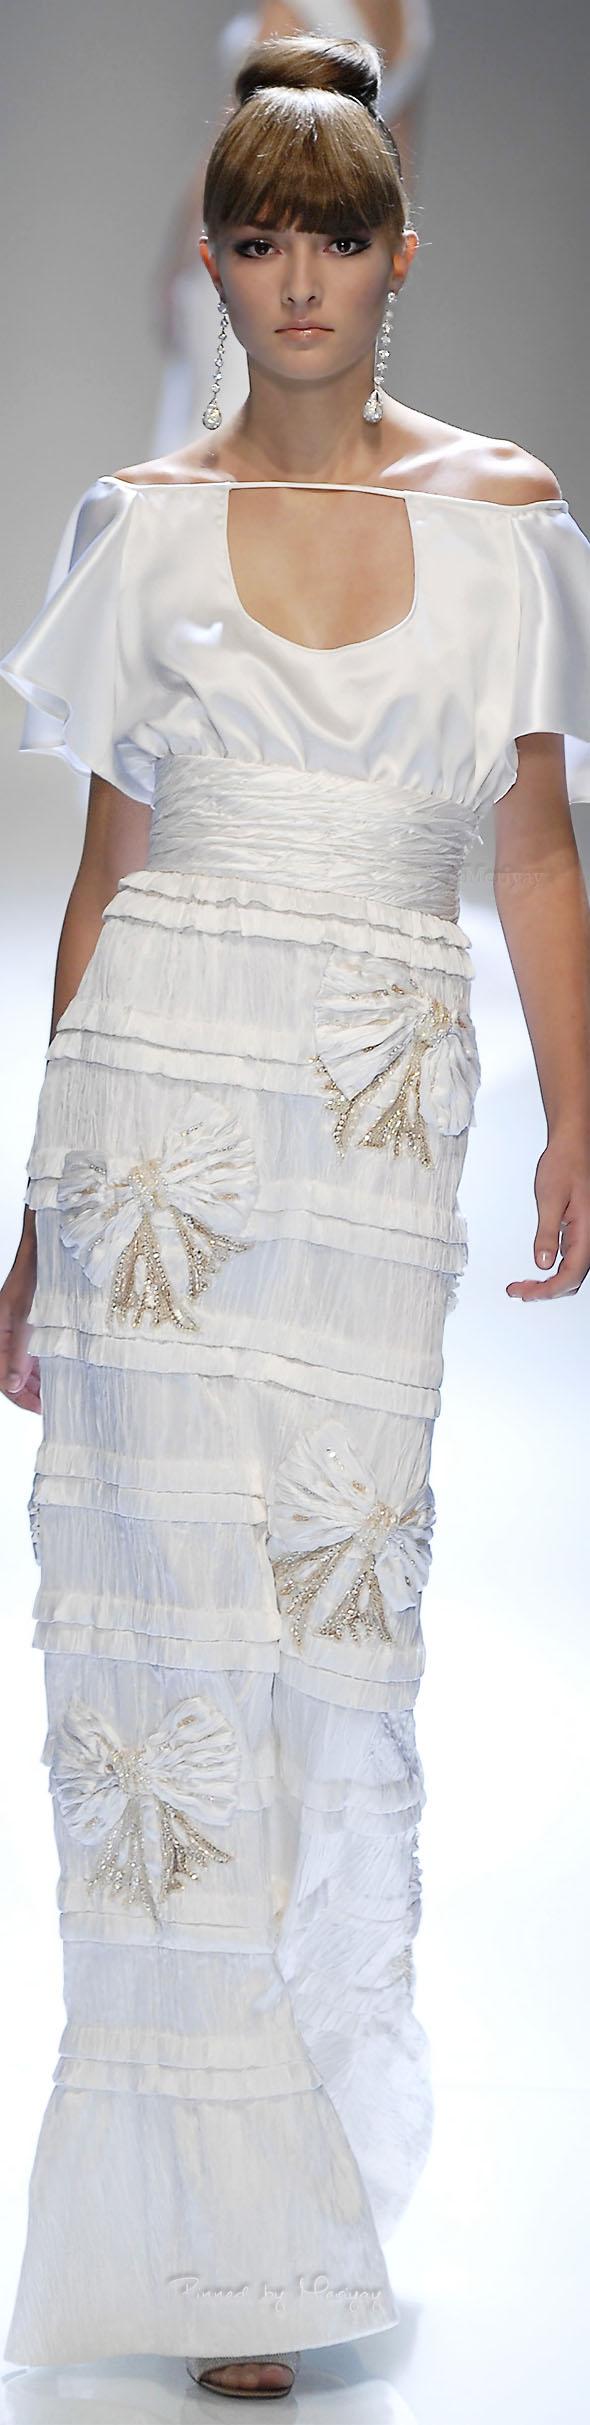 ♔ Vestido Branco ♔   ou  ♔ White Dress  ♔